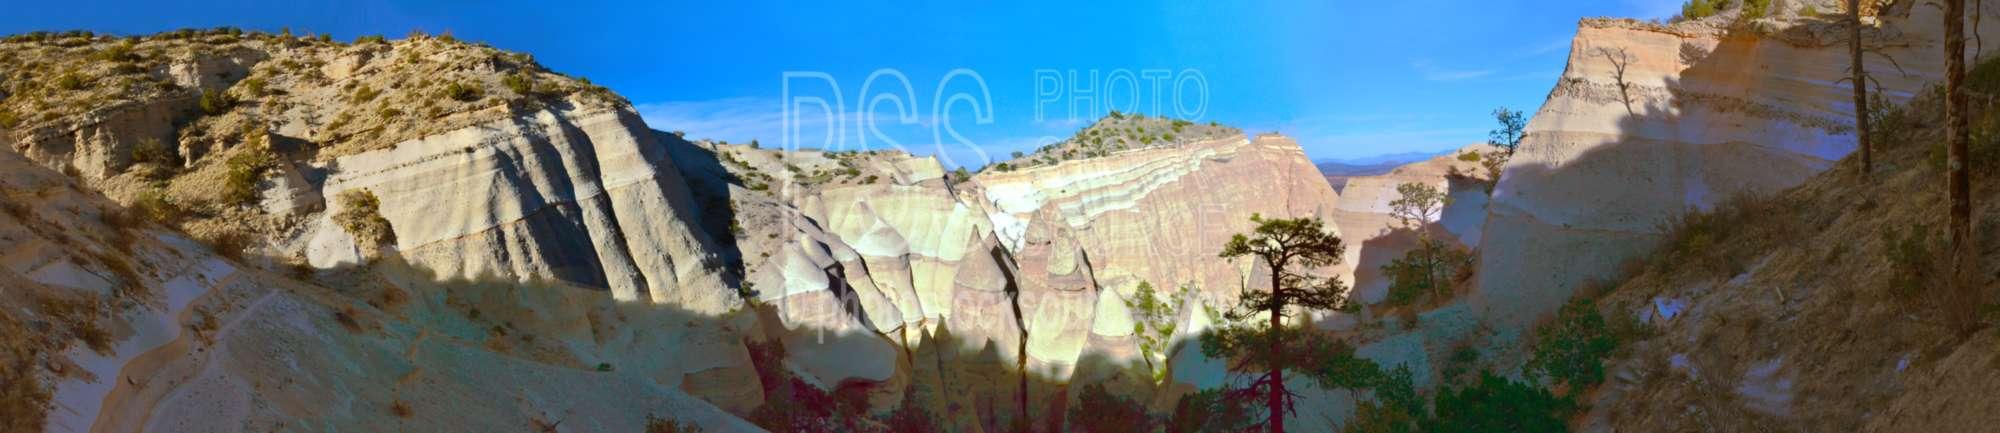 Tent Rocks Spires